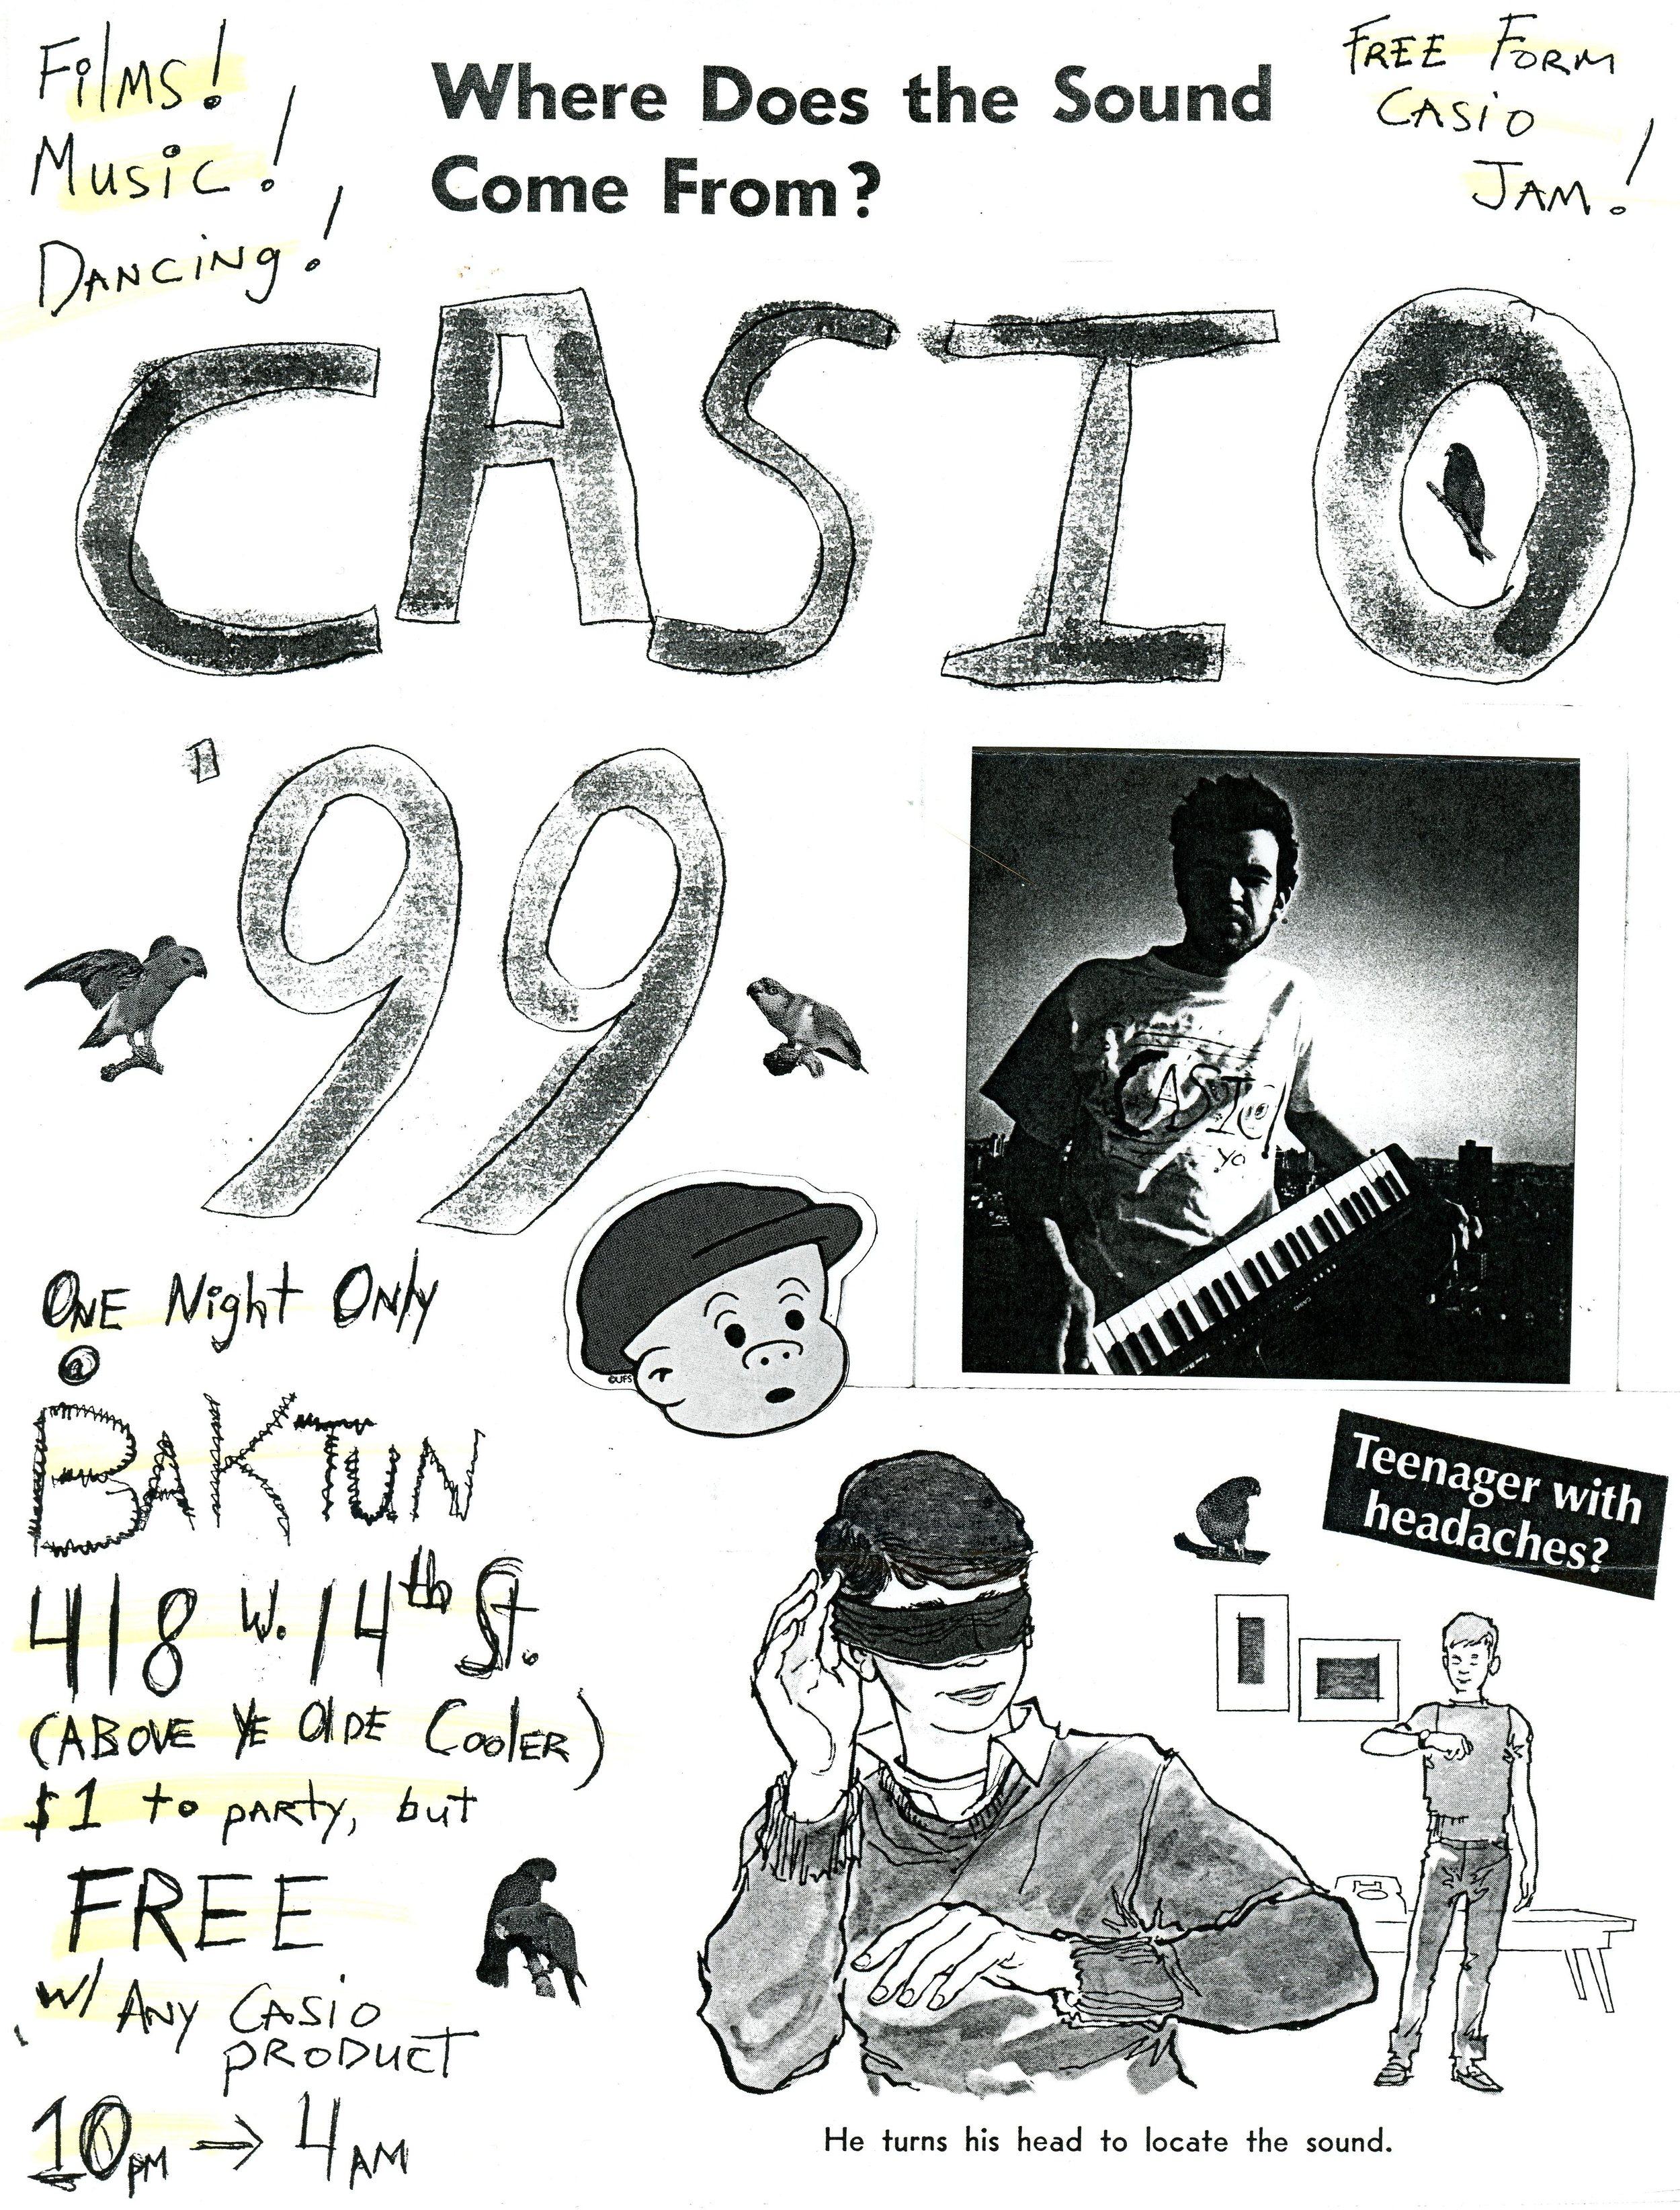 Casio99flyer1179.jpg